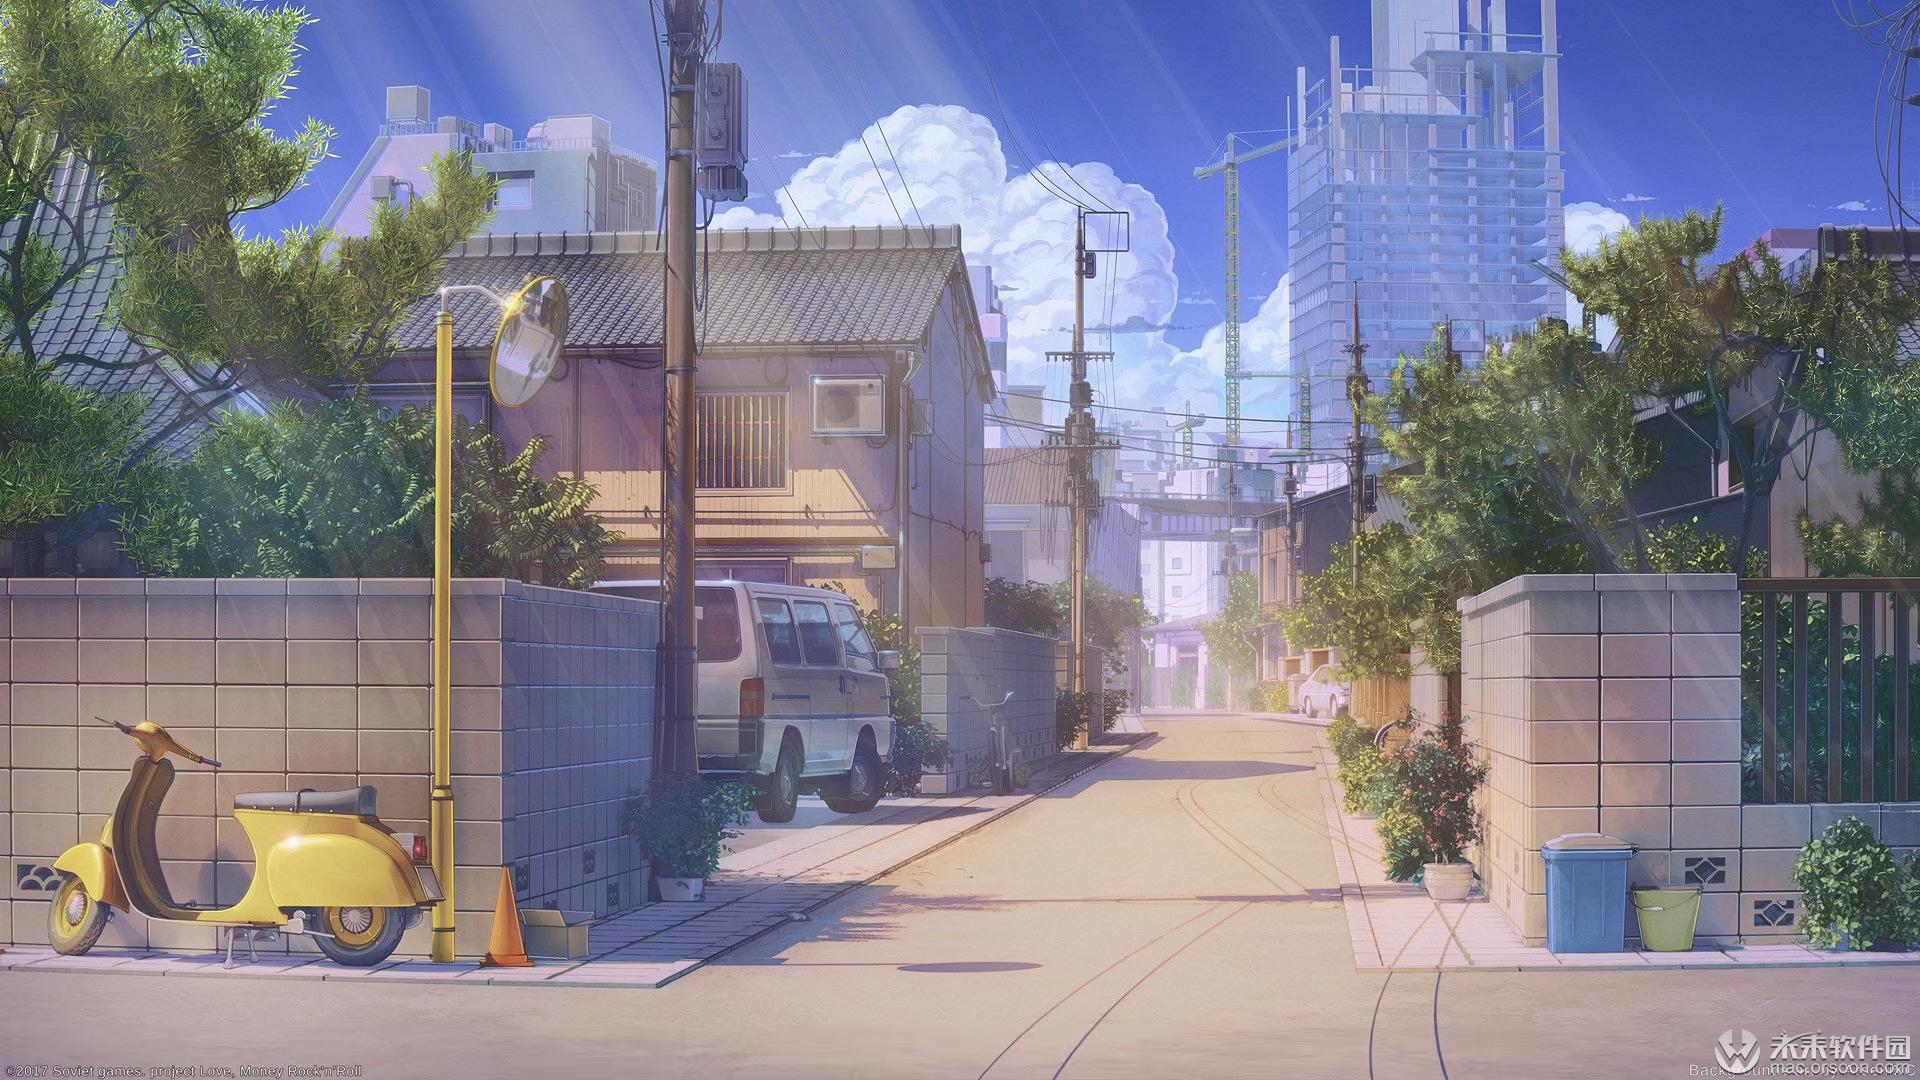 日本动漫街道风景动态壁纸